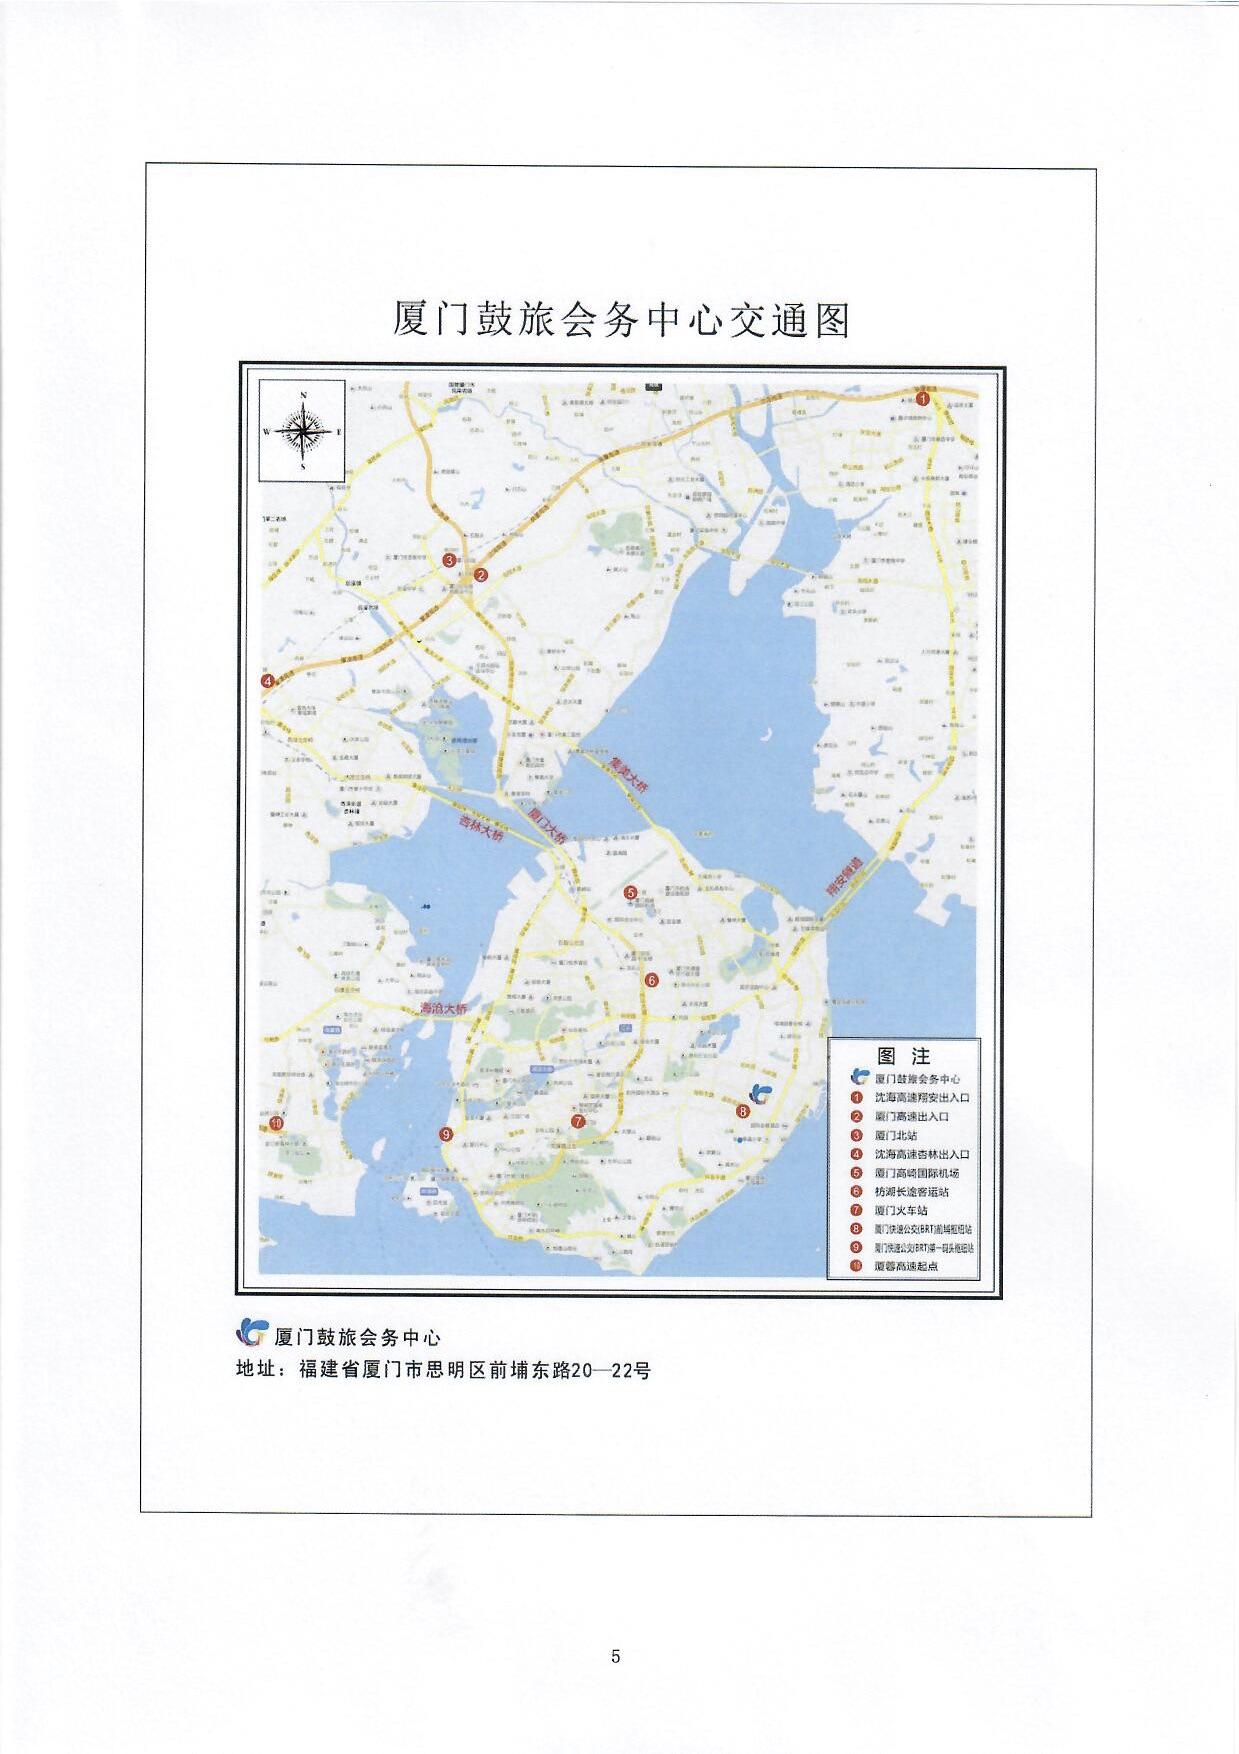 关于中国极限运动协会举办首期全国飞盘观察员及赛事执行官培训班的通知5